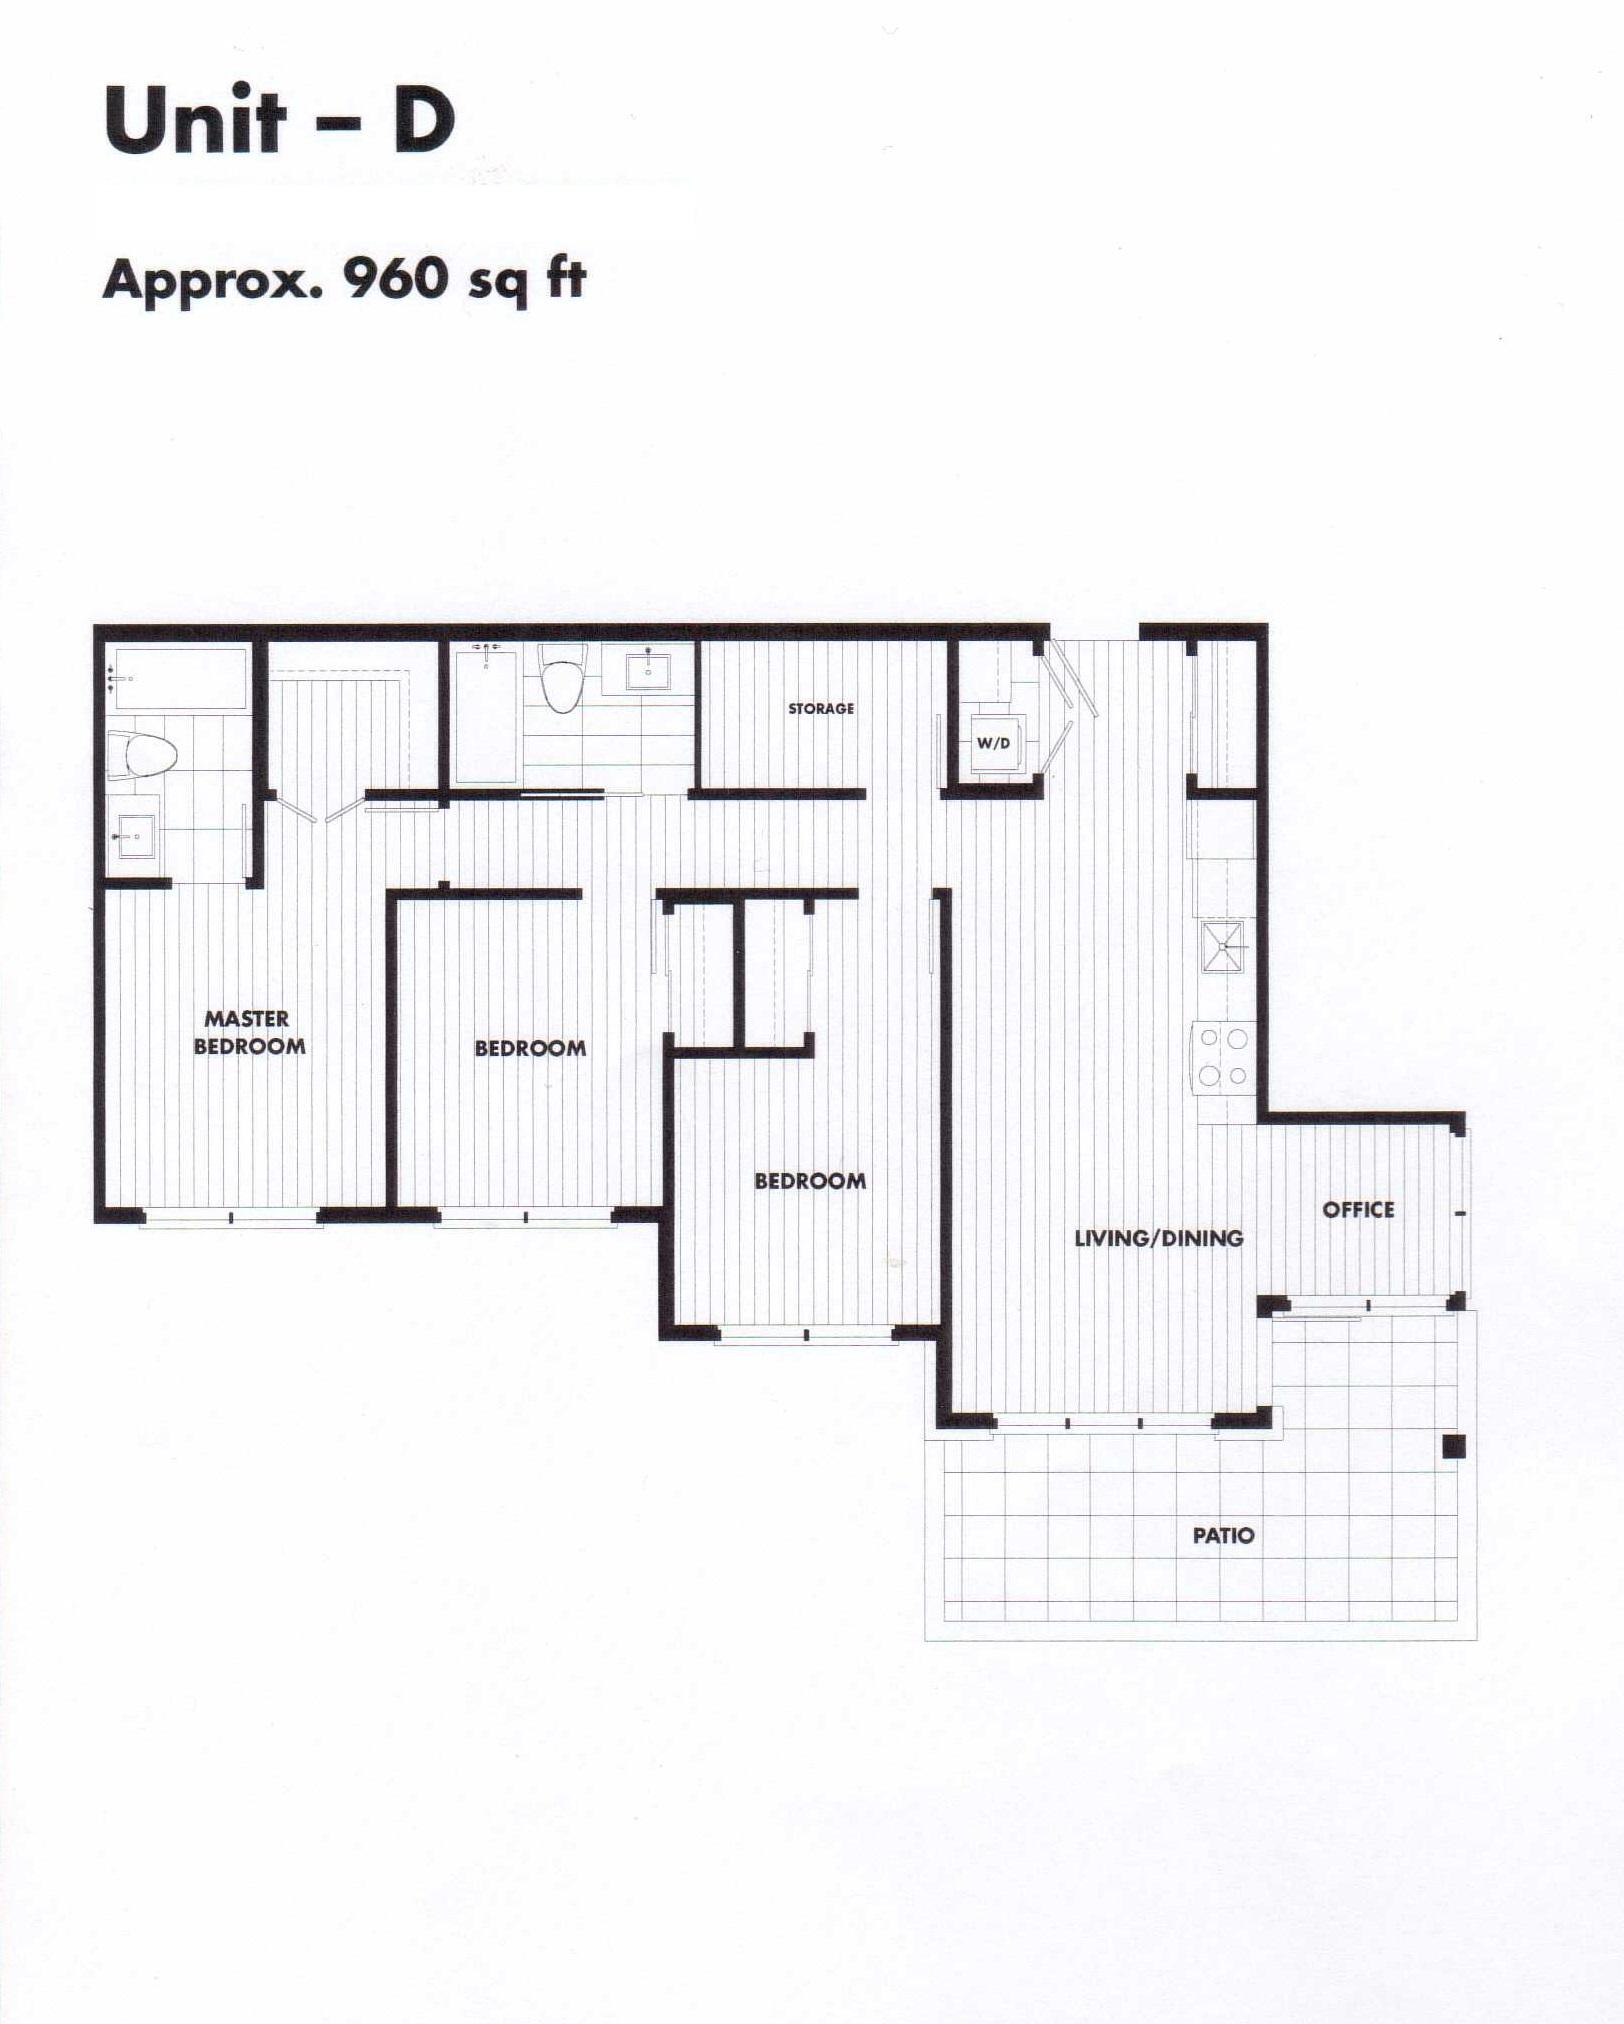 7225a041f87e0 Floorplans Floorplans Floorplans Floorplans Floorplans